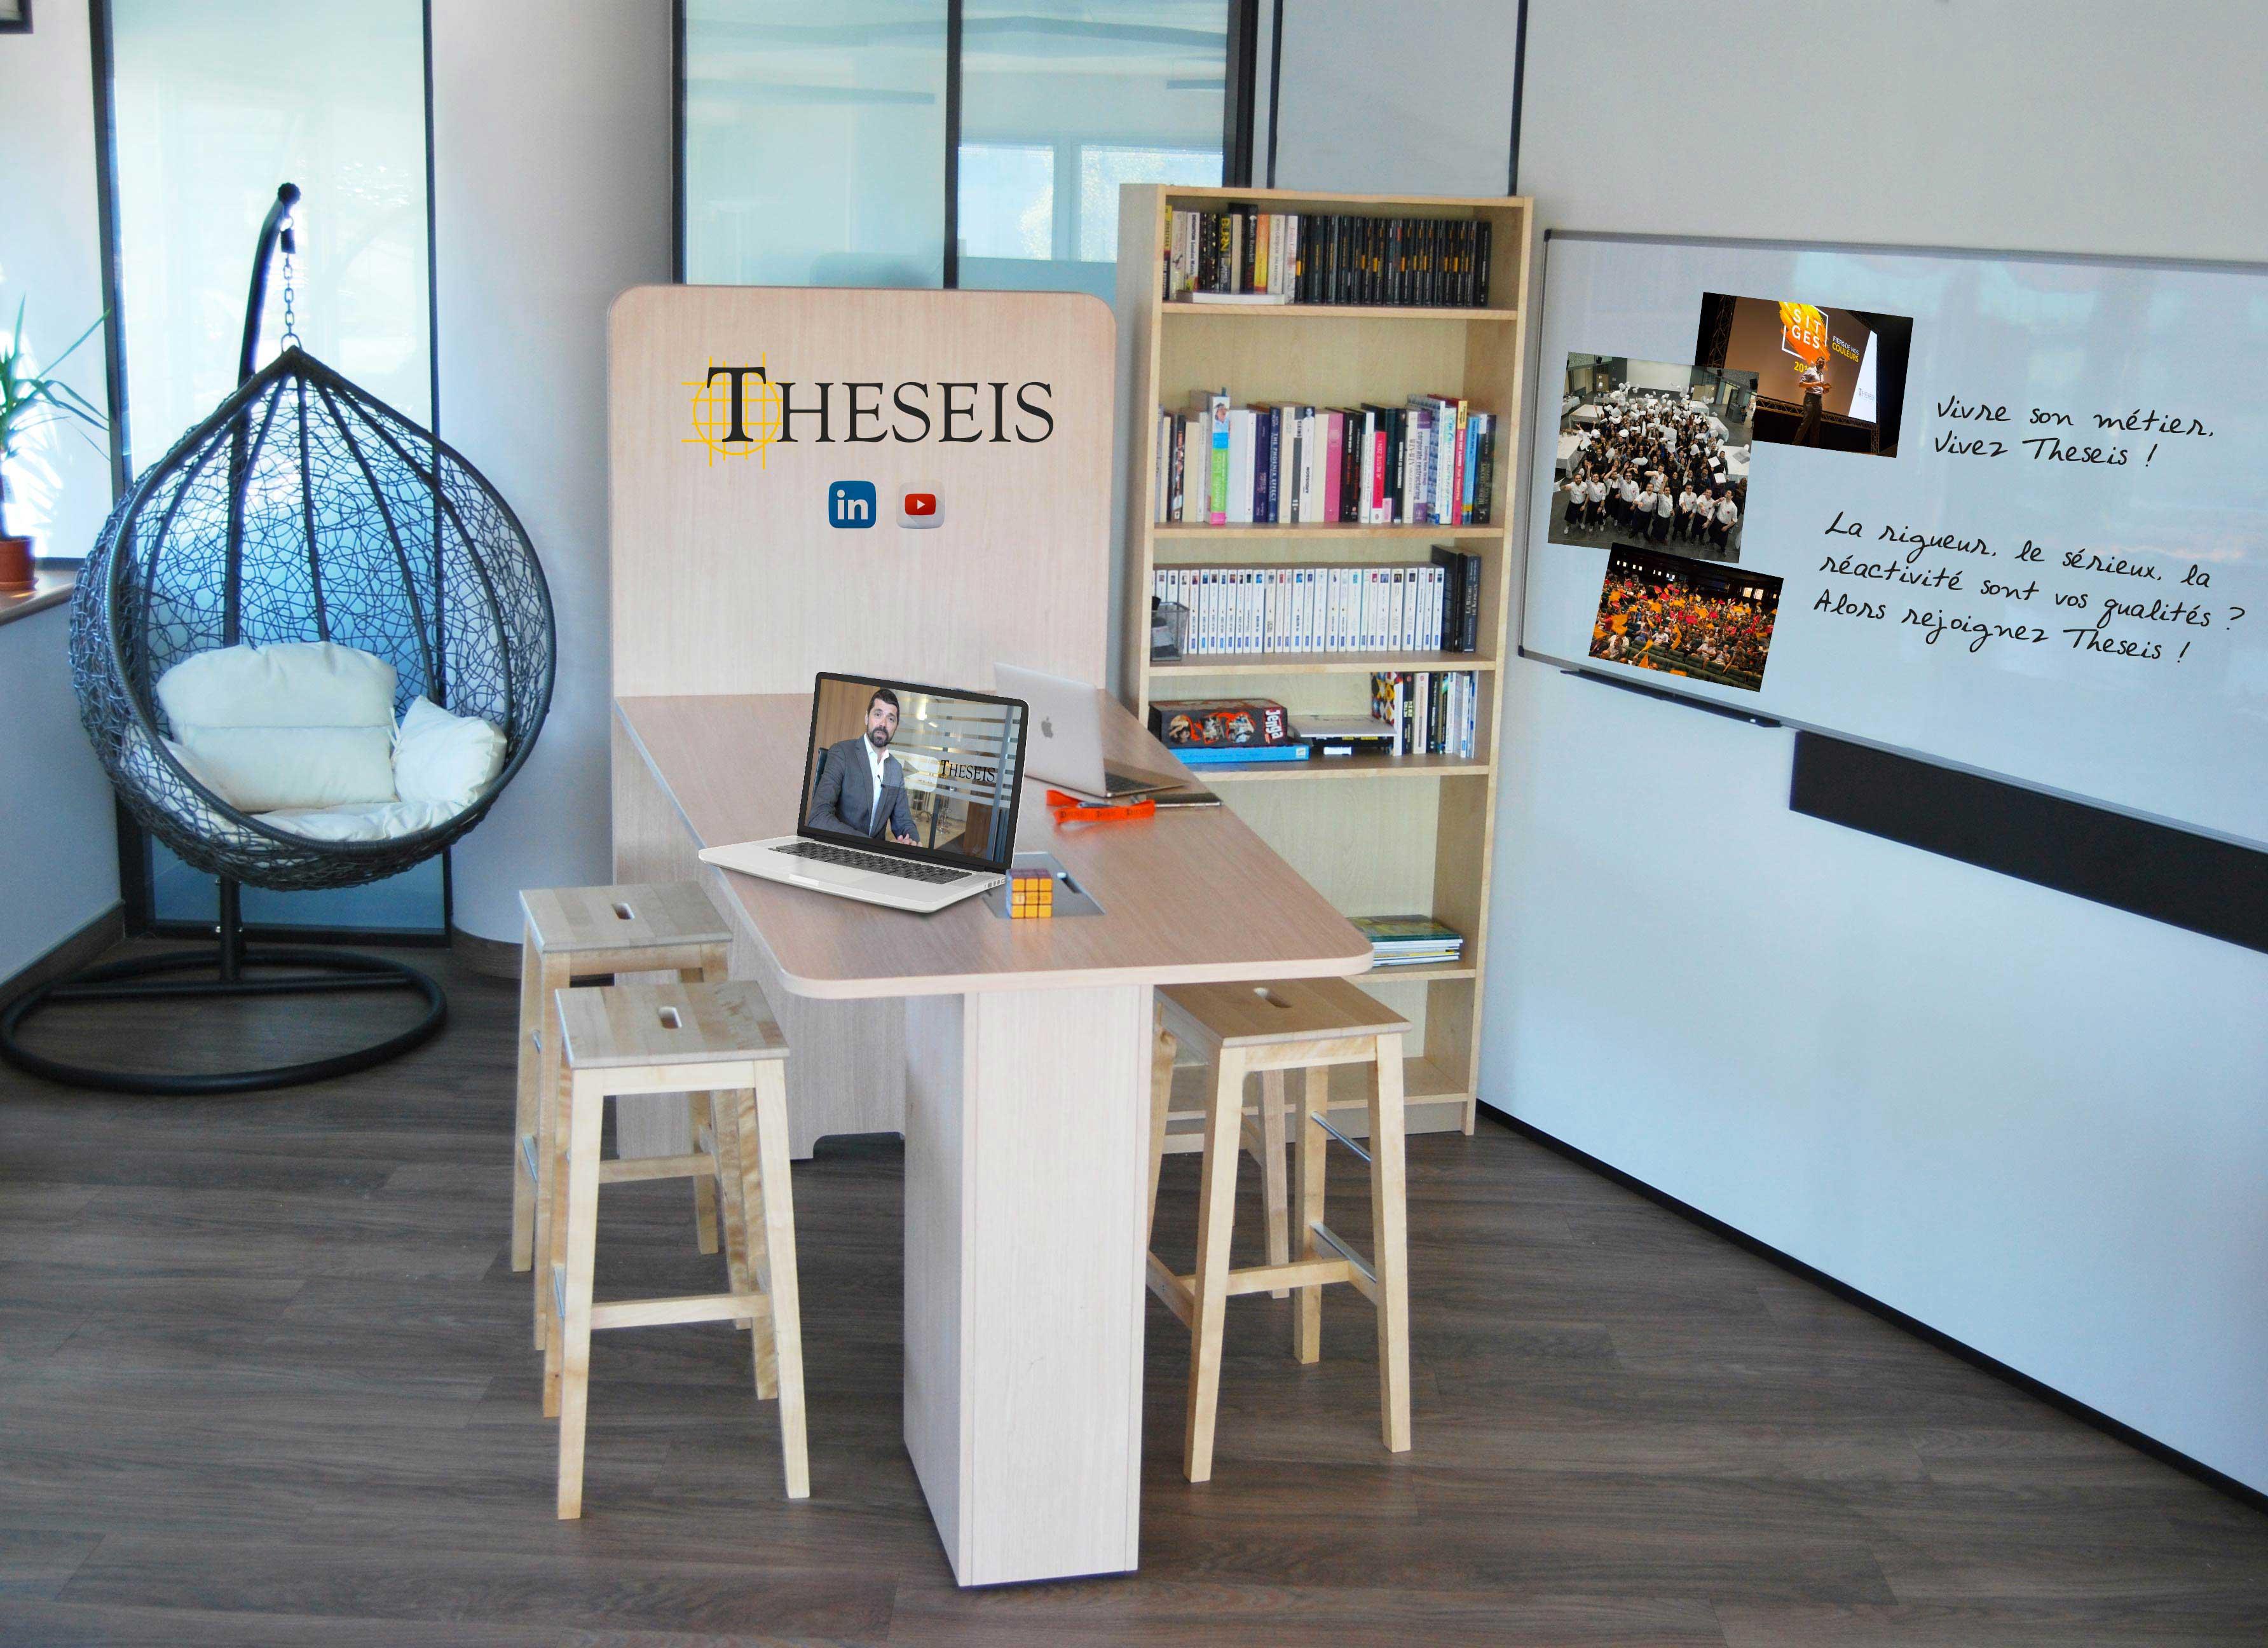 bureaux theseis